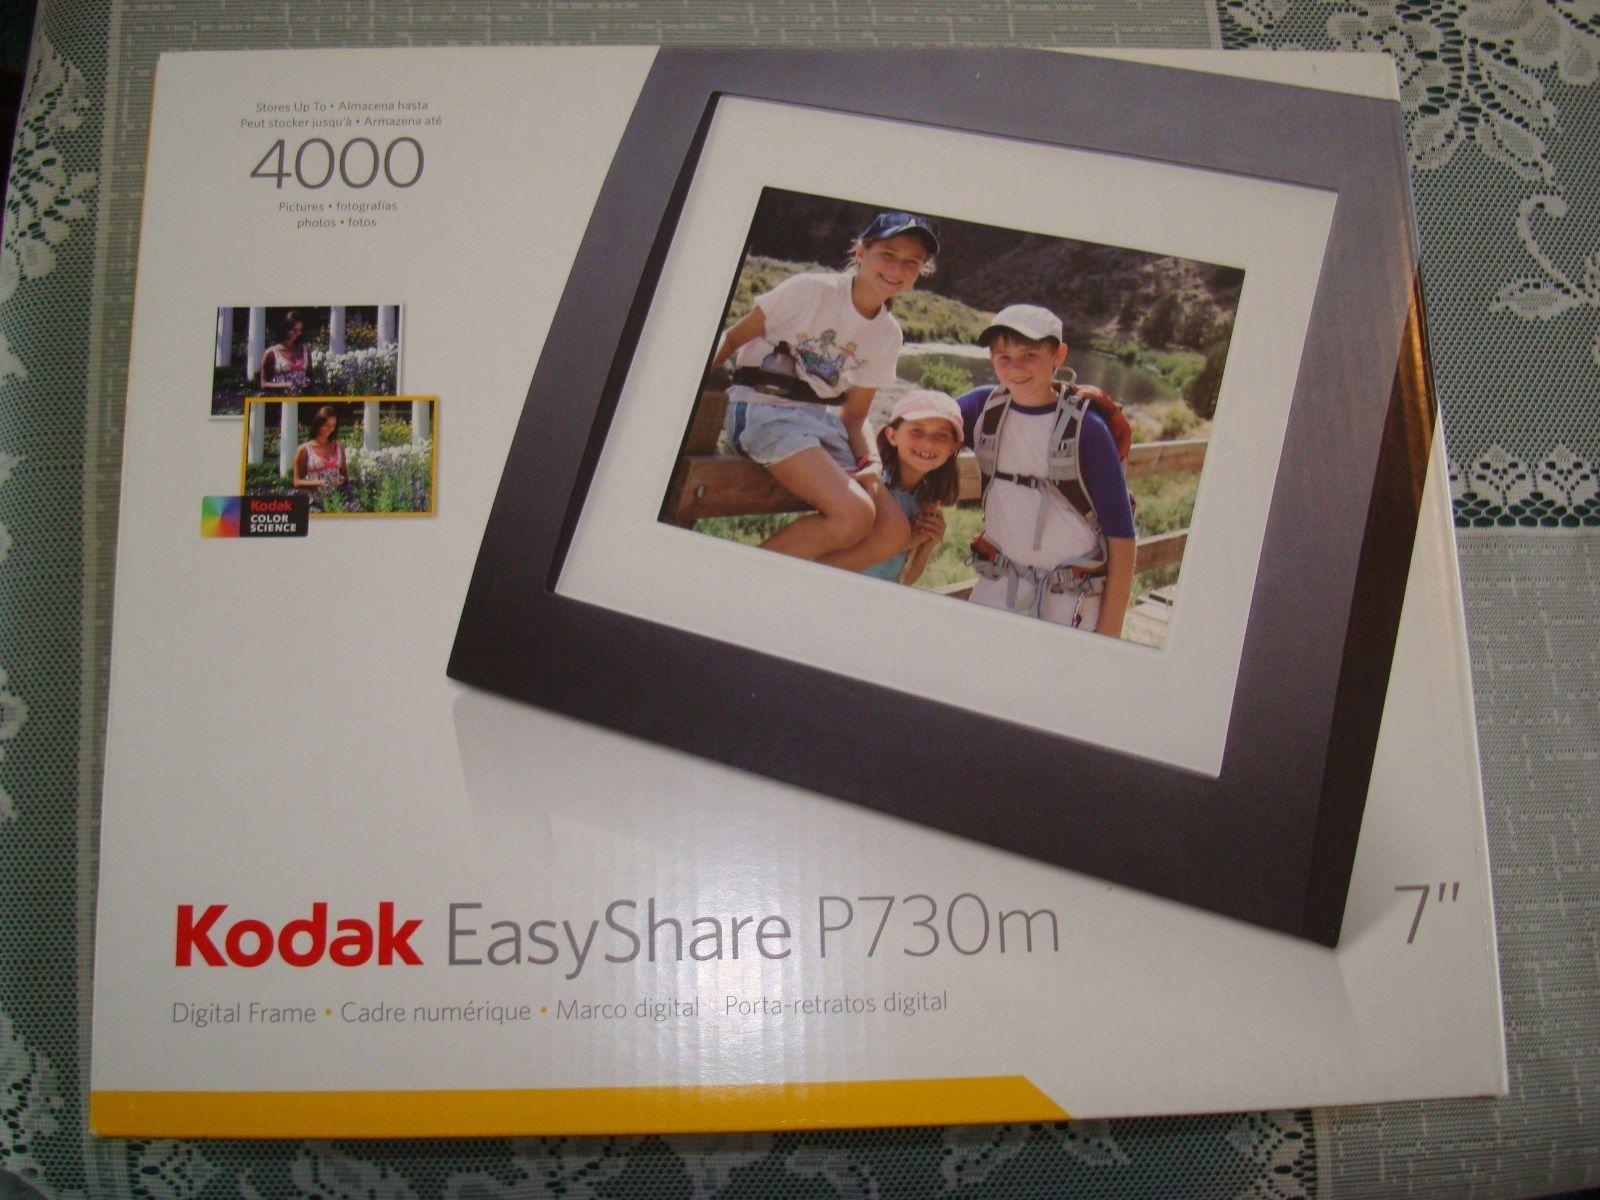 Kodak Easyshare P730M Digital Frame 7\